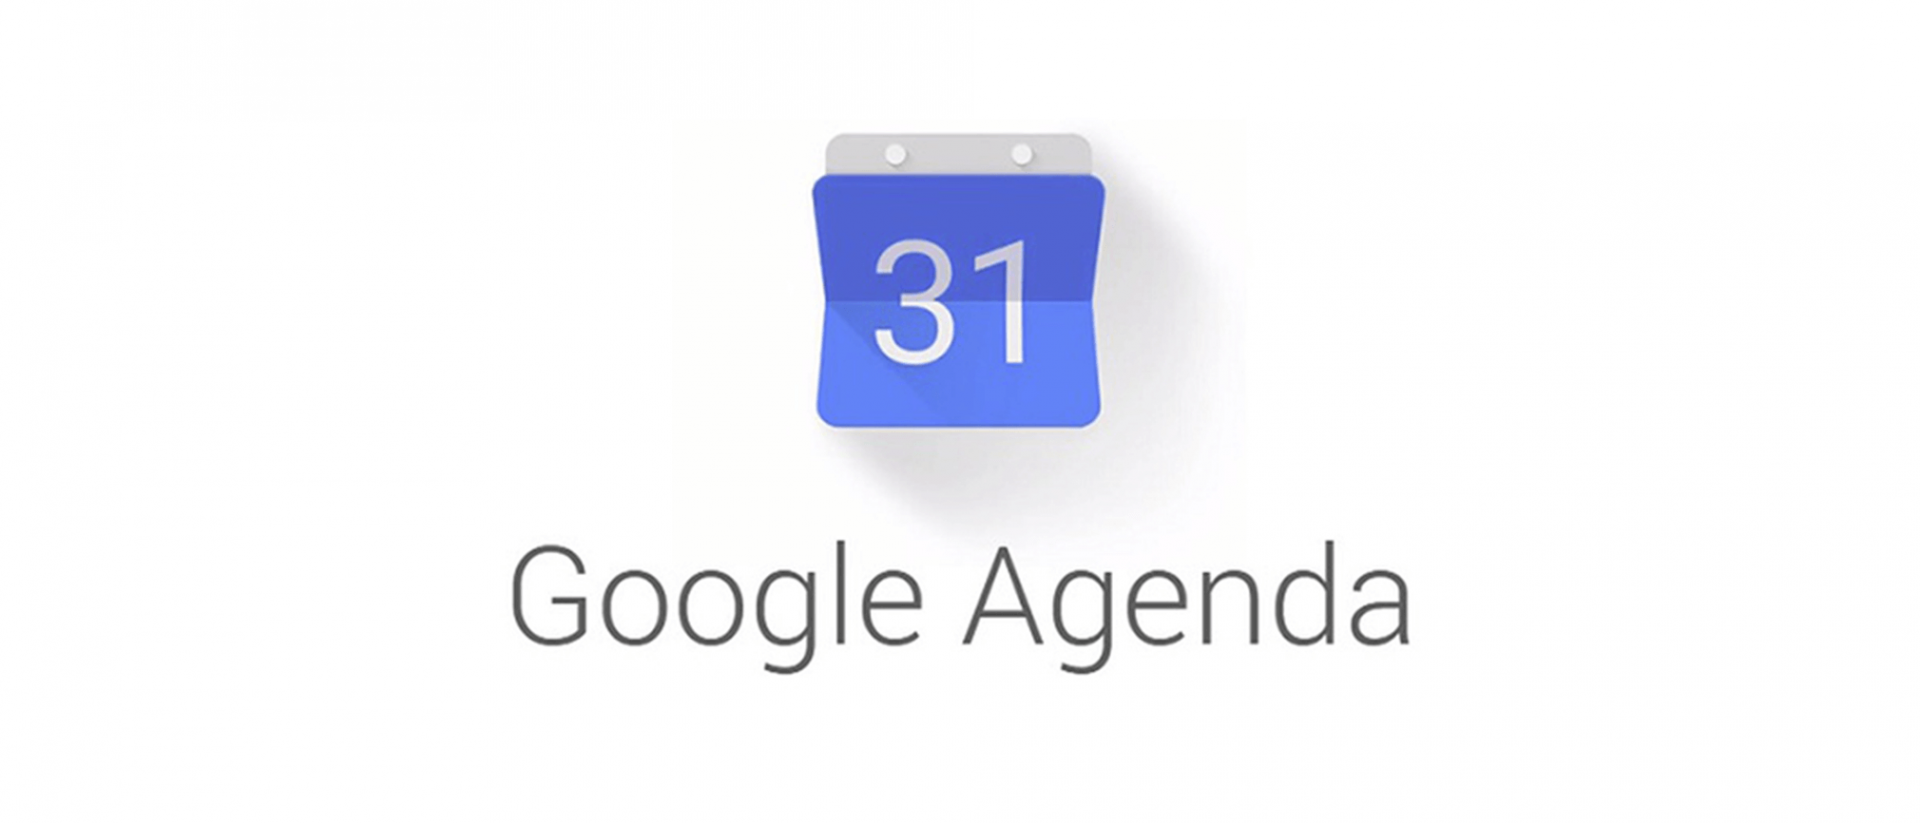 Dicas google agenda showmetech